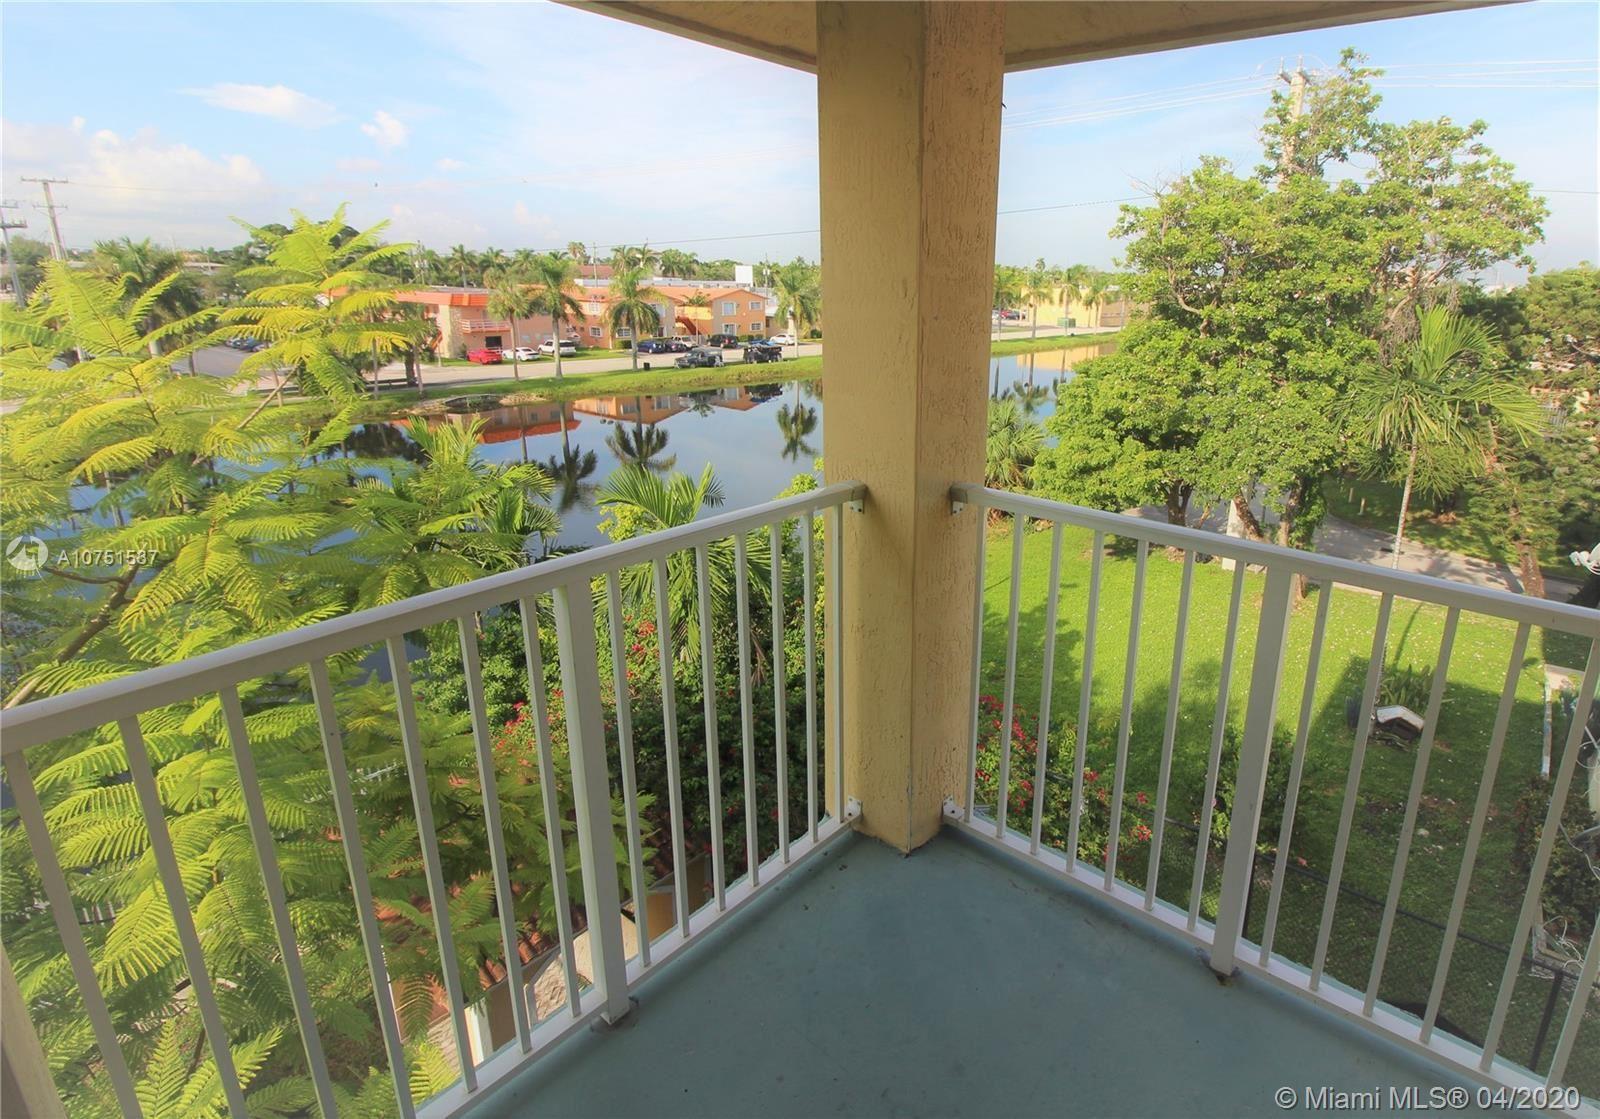 2034 NE 167th St #3-133, North Miami Beach, FL 33162 - MLS#: A10751537